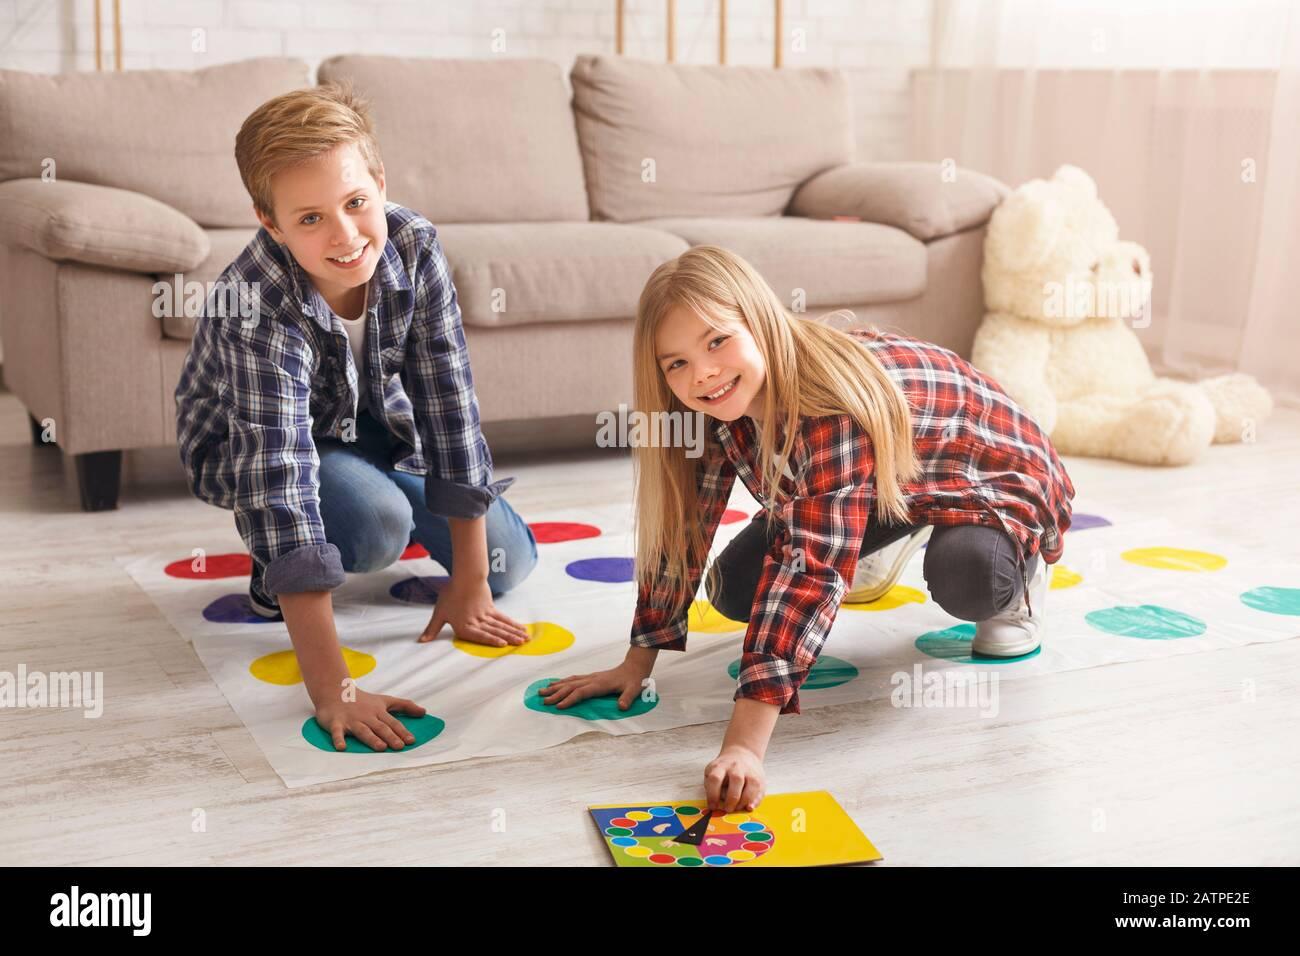 Fröhliche Geschwister, die Twister-Spiel auf dem Boden spielen und Spaß in der Halle haben Stockfoto